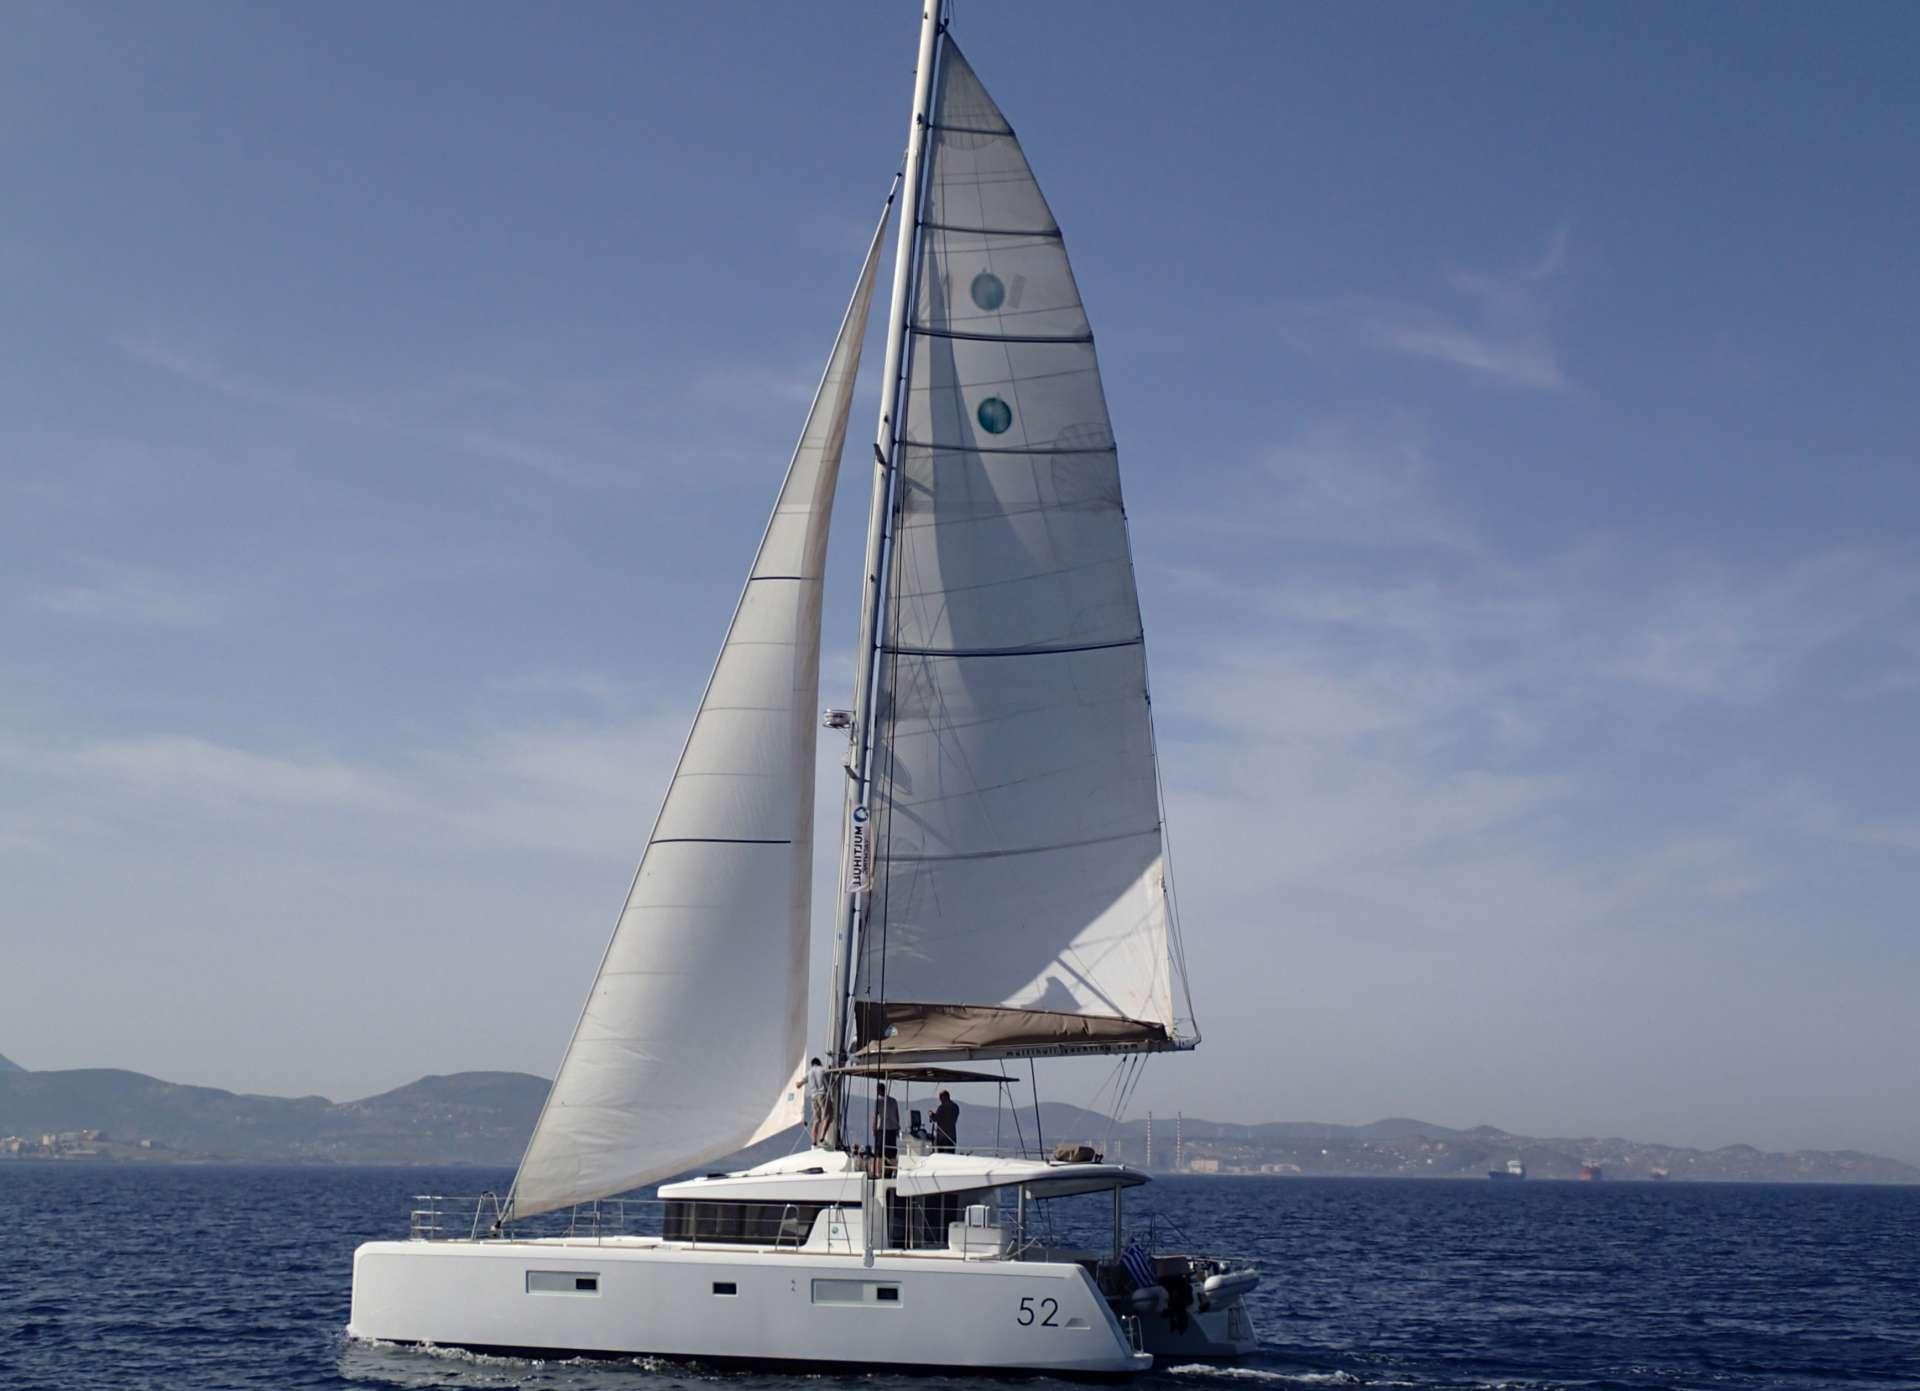 Charter with KEPI on compassyachtcharters.com